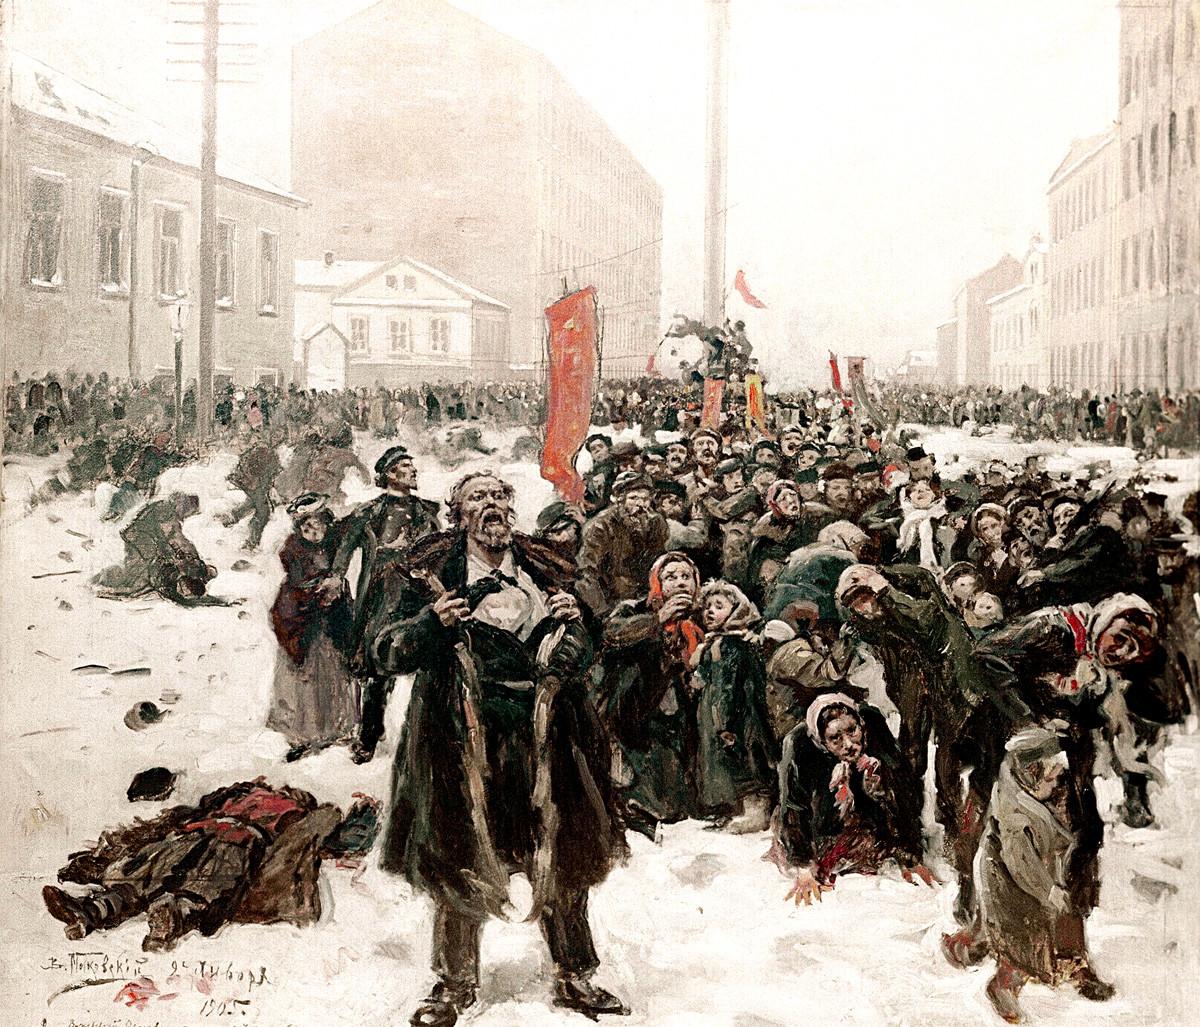 Vladimir Makovski, 9. siječnja 1905., Na Vasiljevskom otoku